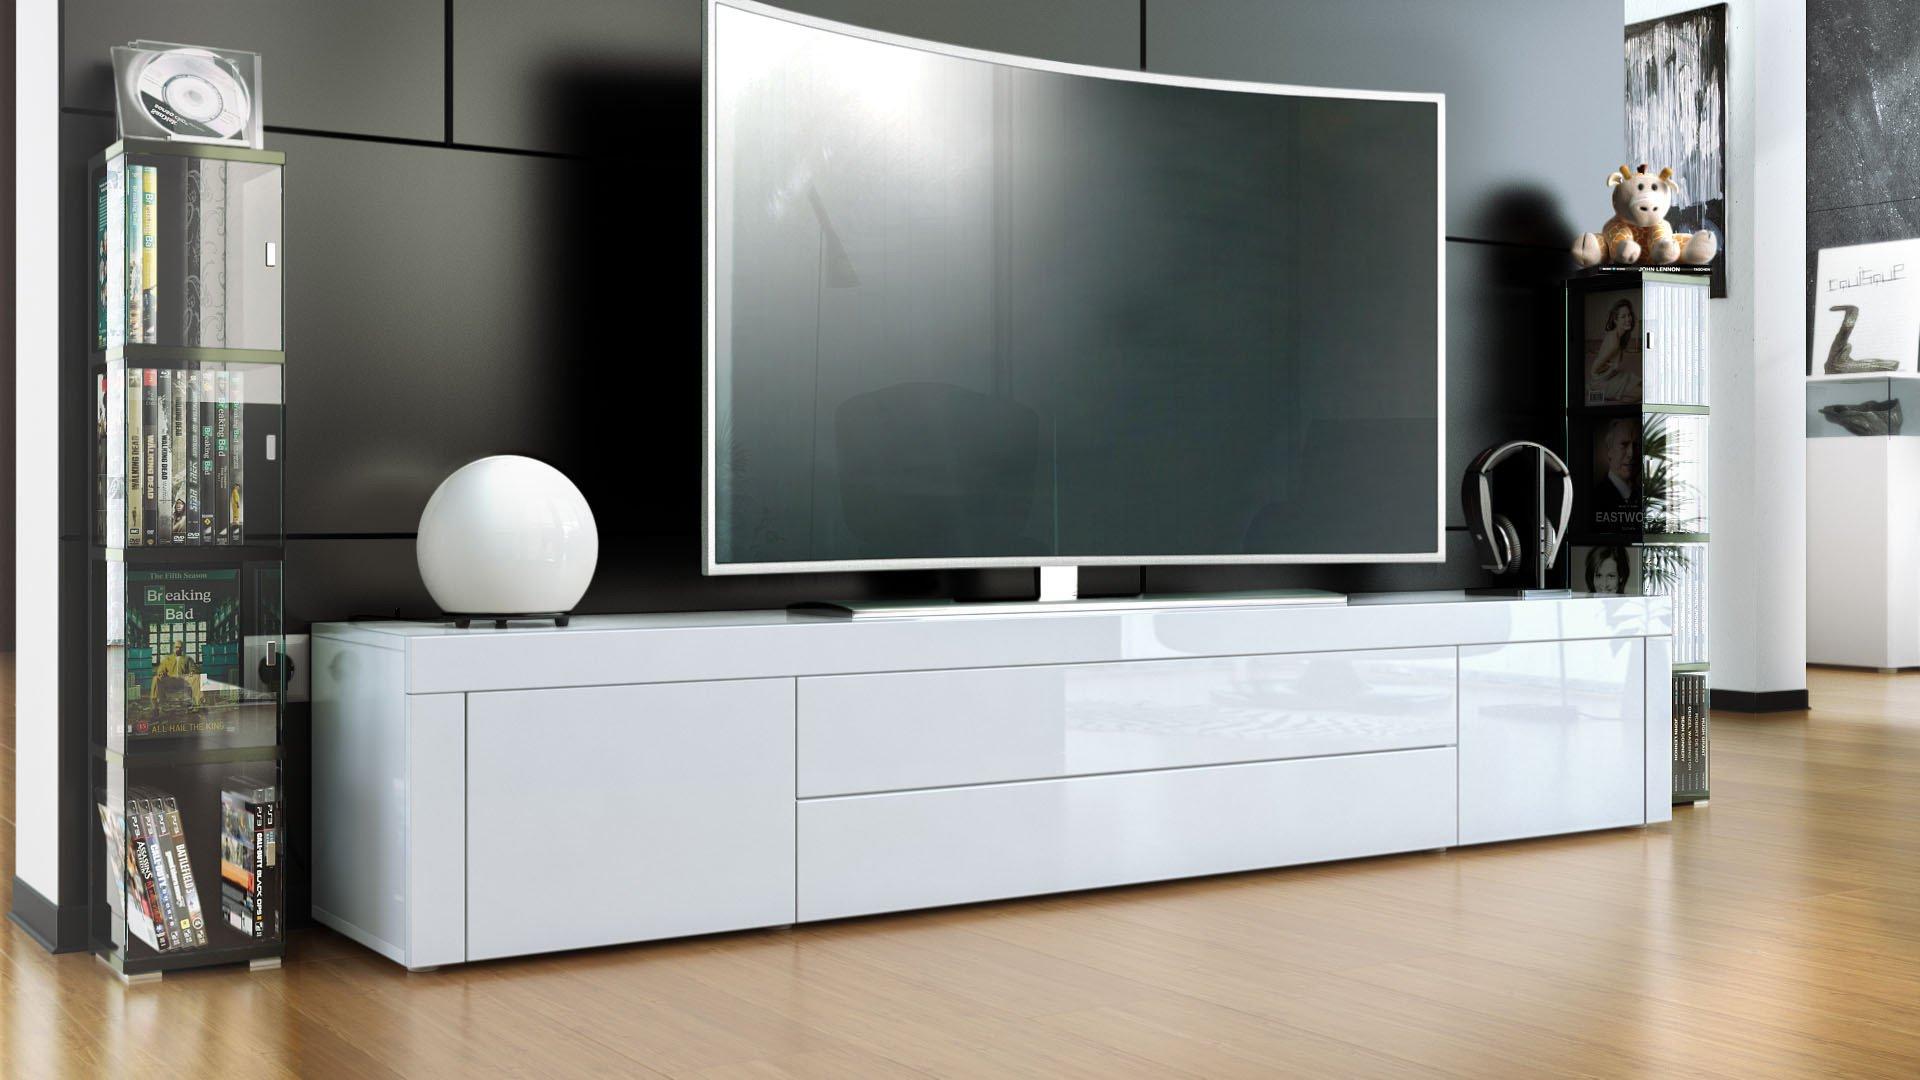 Corner Tv Stands For 70 Inch Tvs - Corner Designs inside Annabelle Black 70 Inch Tv Stands (Image 11 of 30)